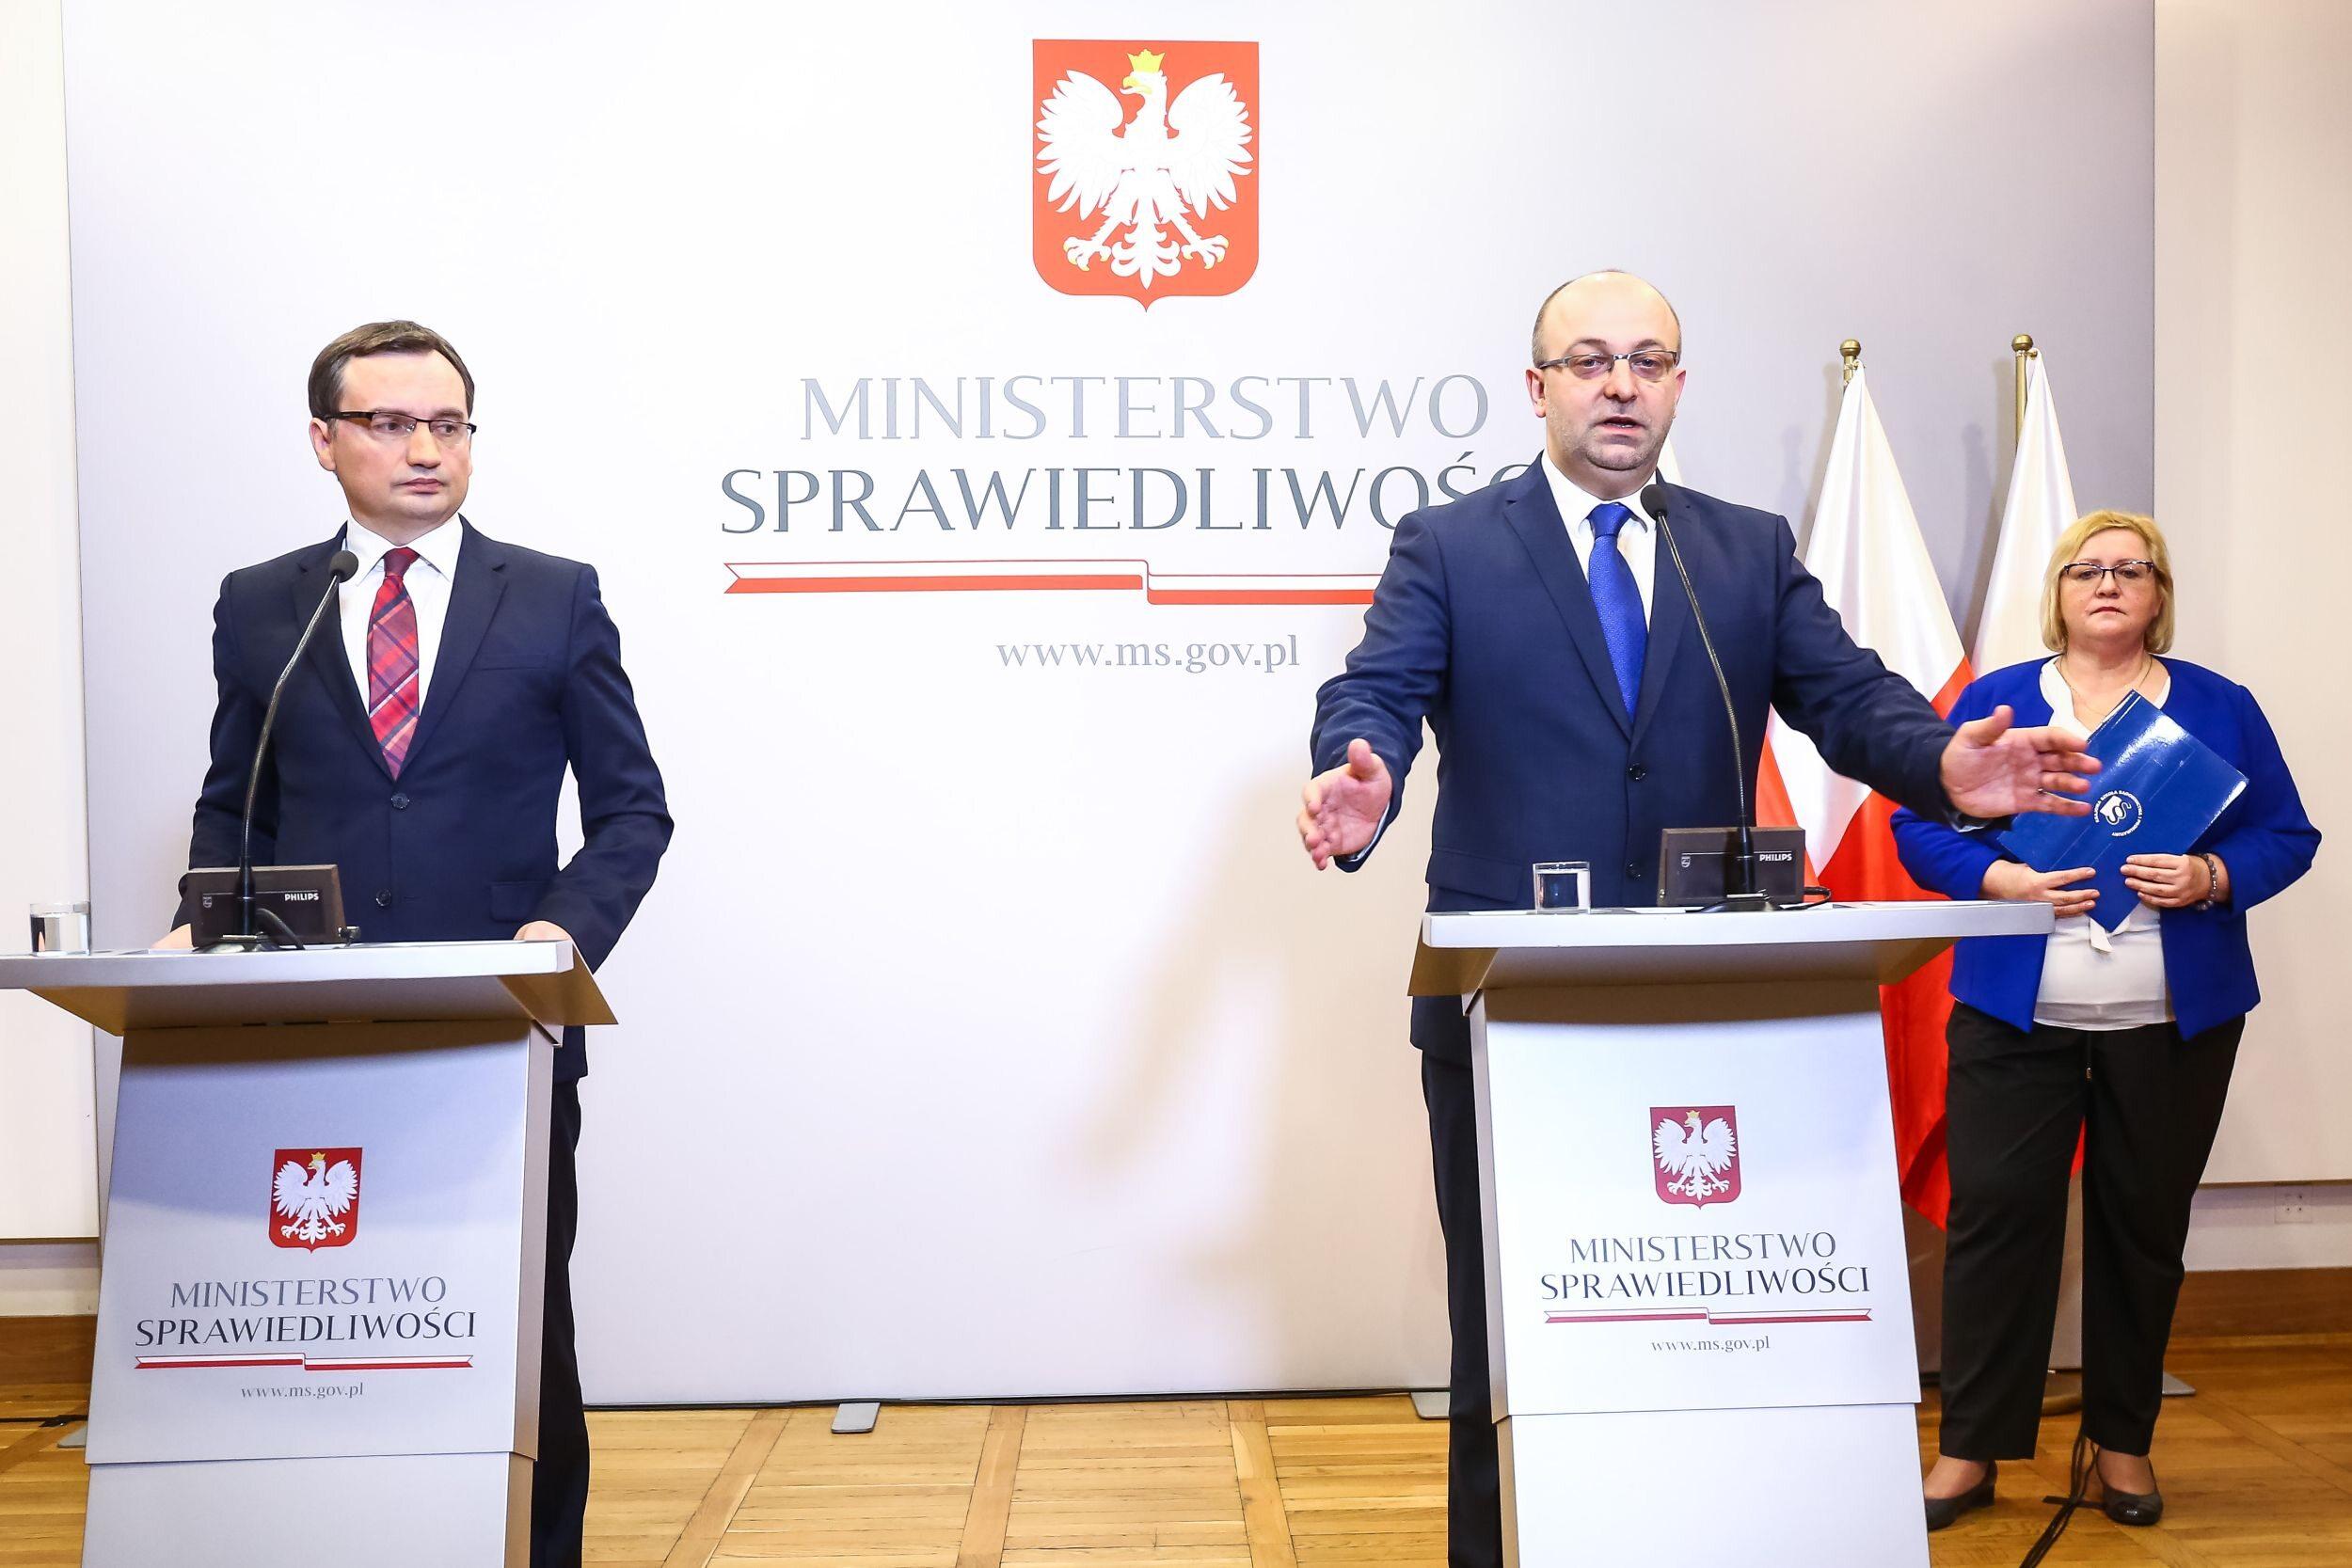 Wiceminister Łukasz Piebiak na konferencji prasowej z ministrem Zbigniewem Ziobro